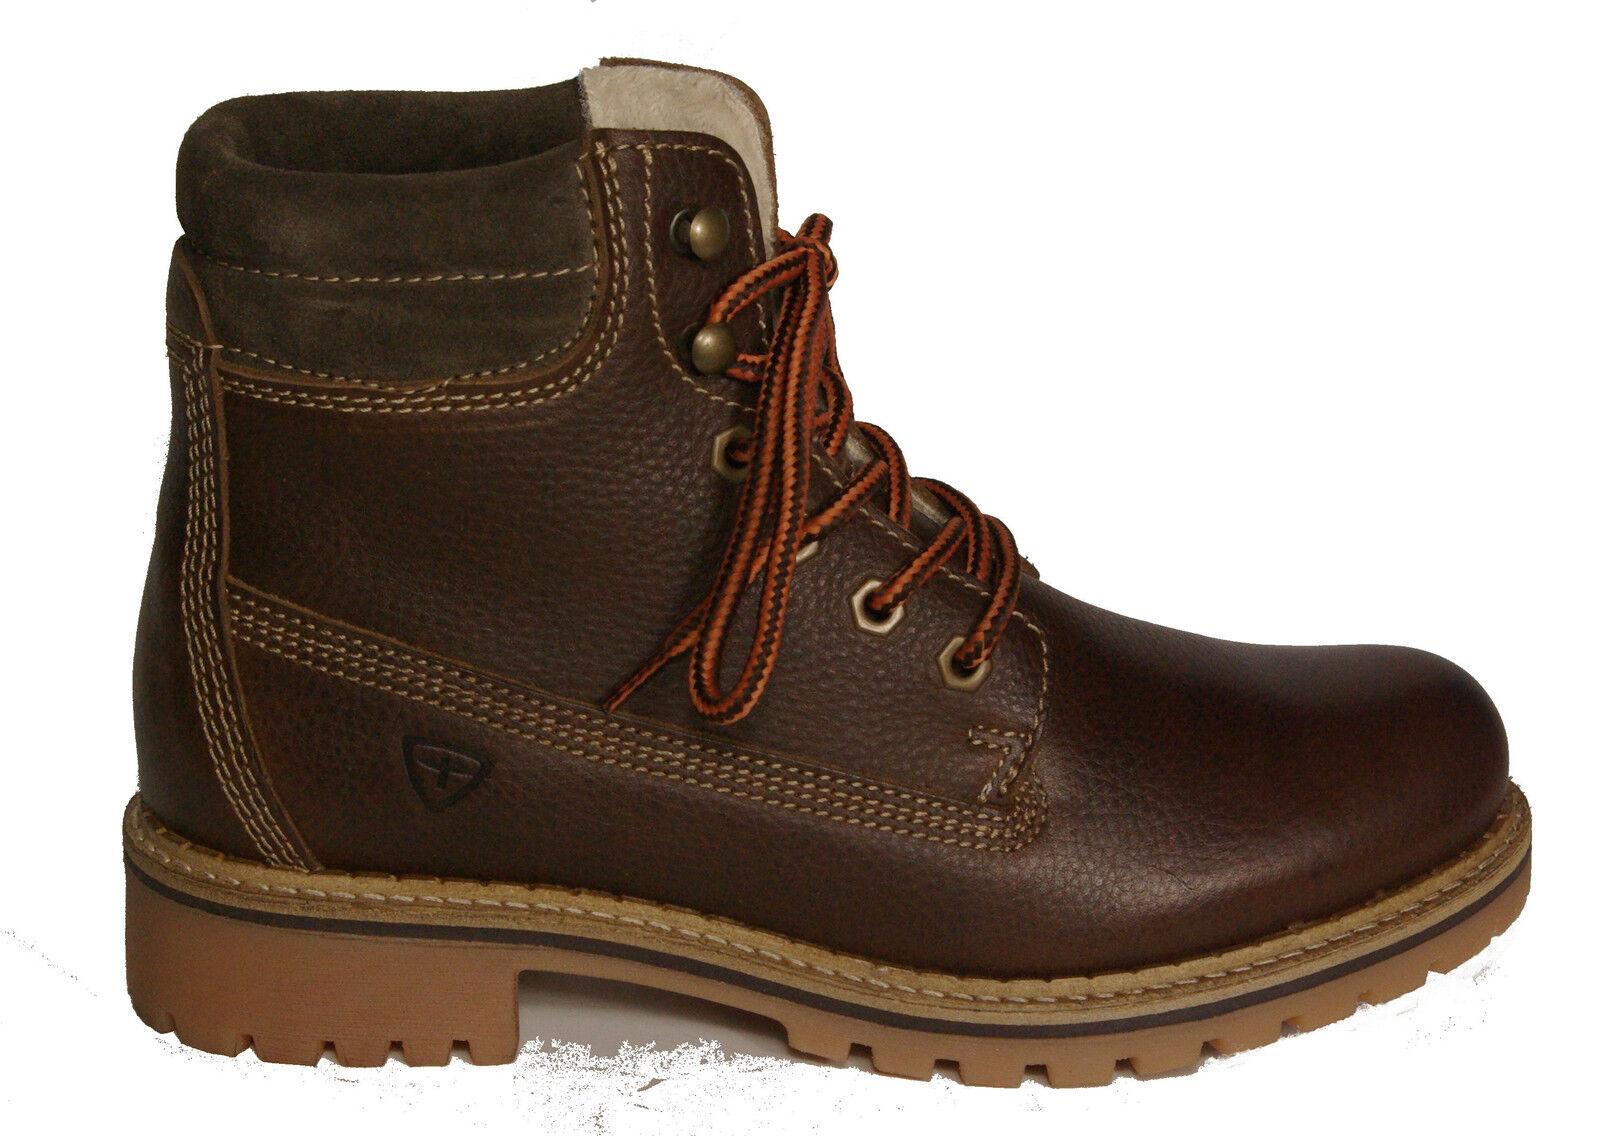 Tamaris skor Lace Up Boot Trek King stövlar Real läder läder läder bspringaaa ny  motverka äkta